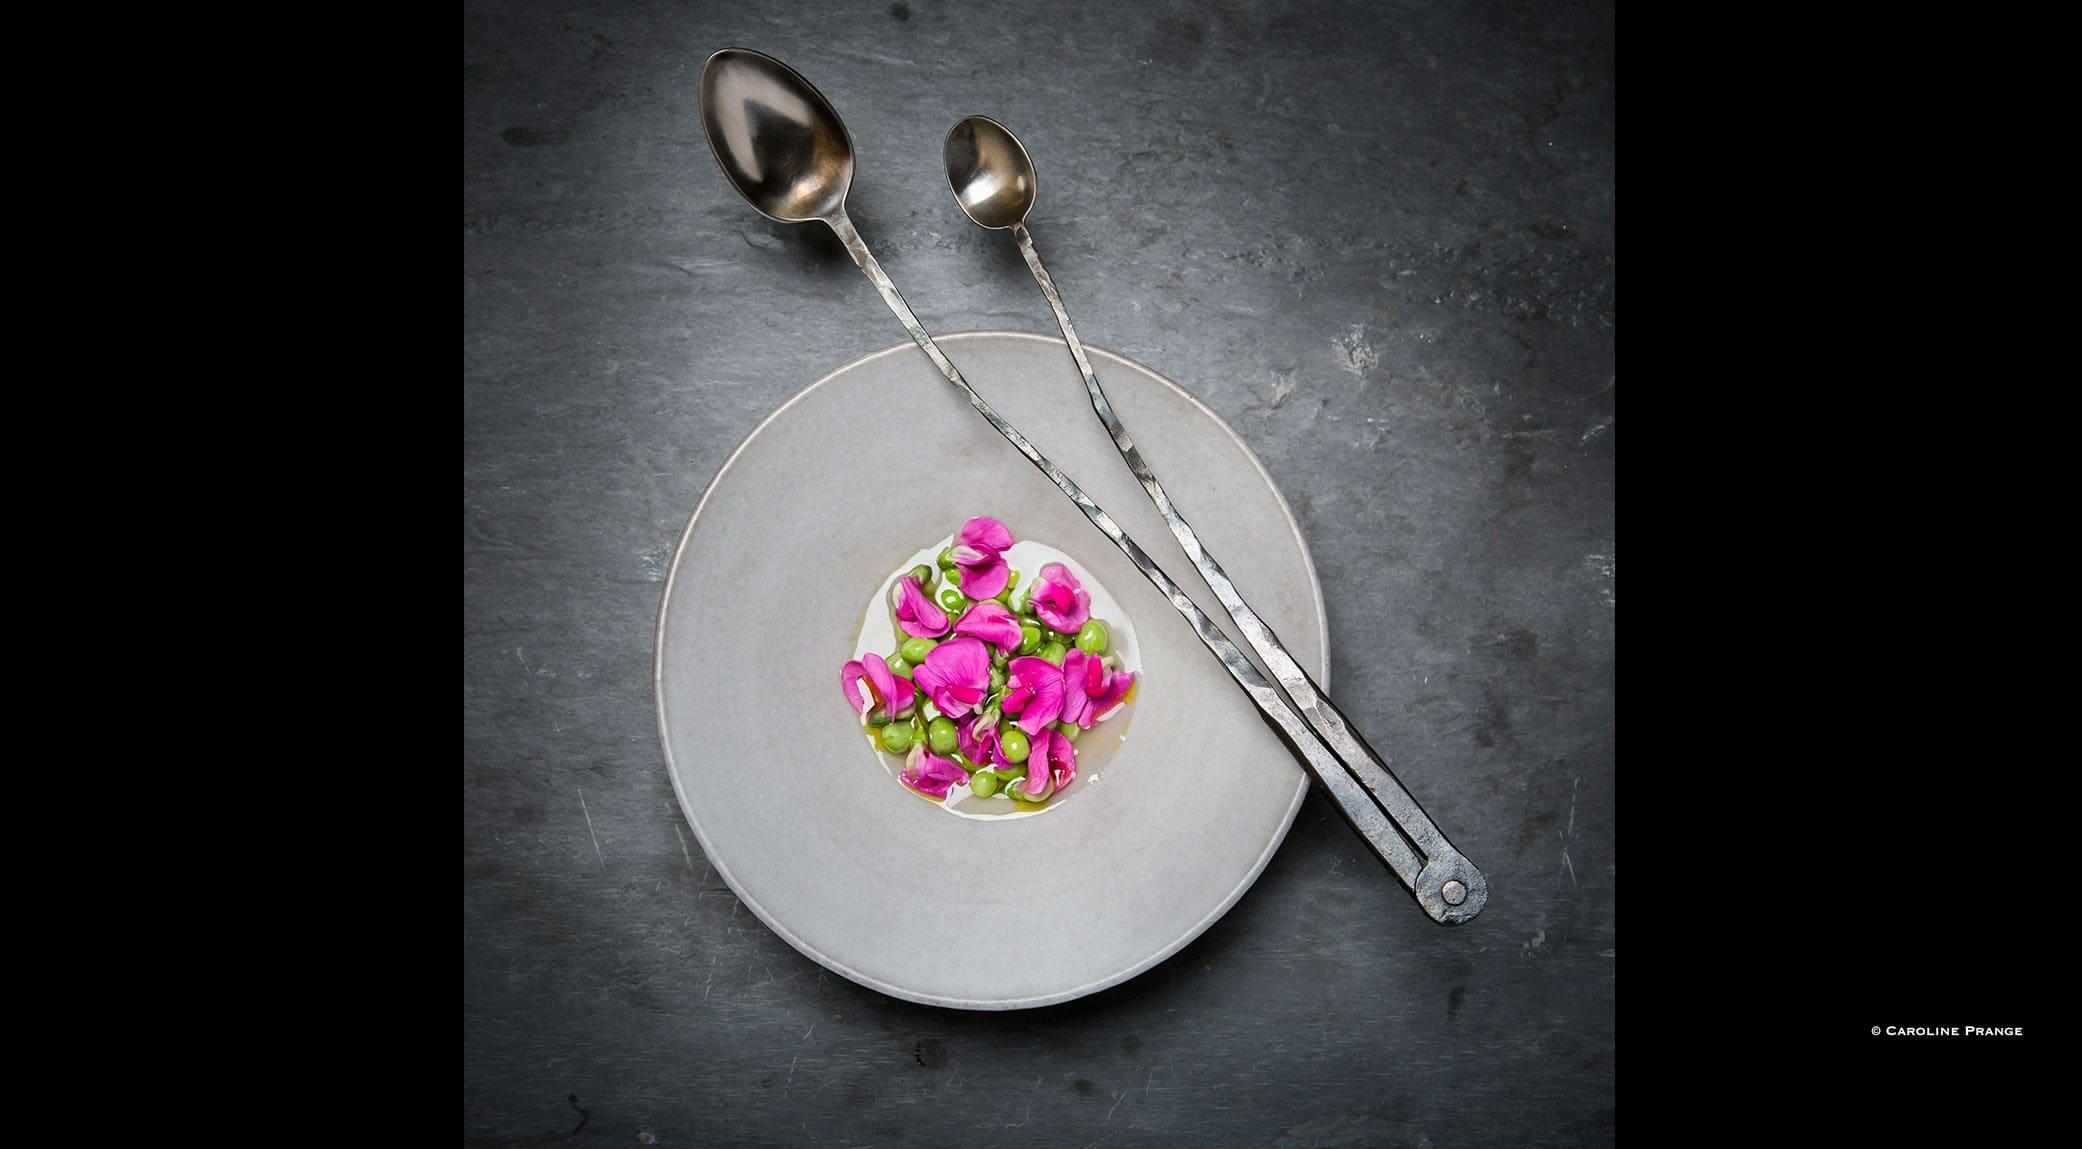 original_Steinbeisser-Experimental-Gastronomy-4.jpg